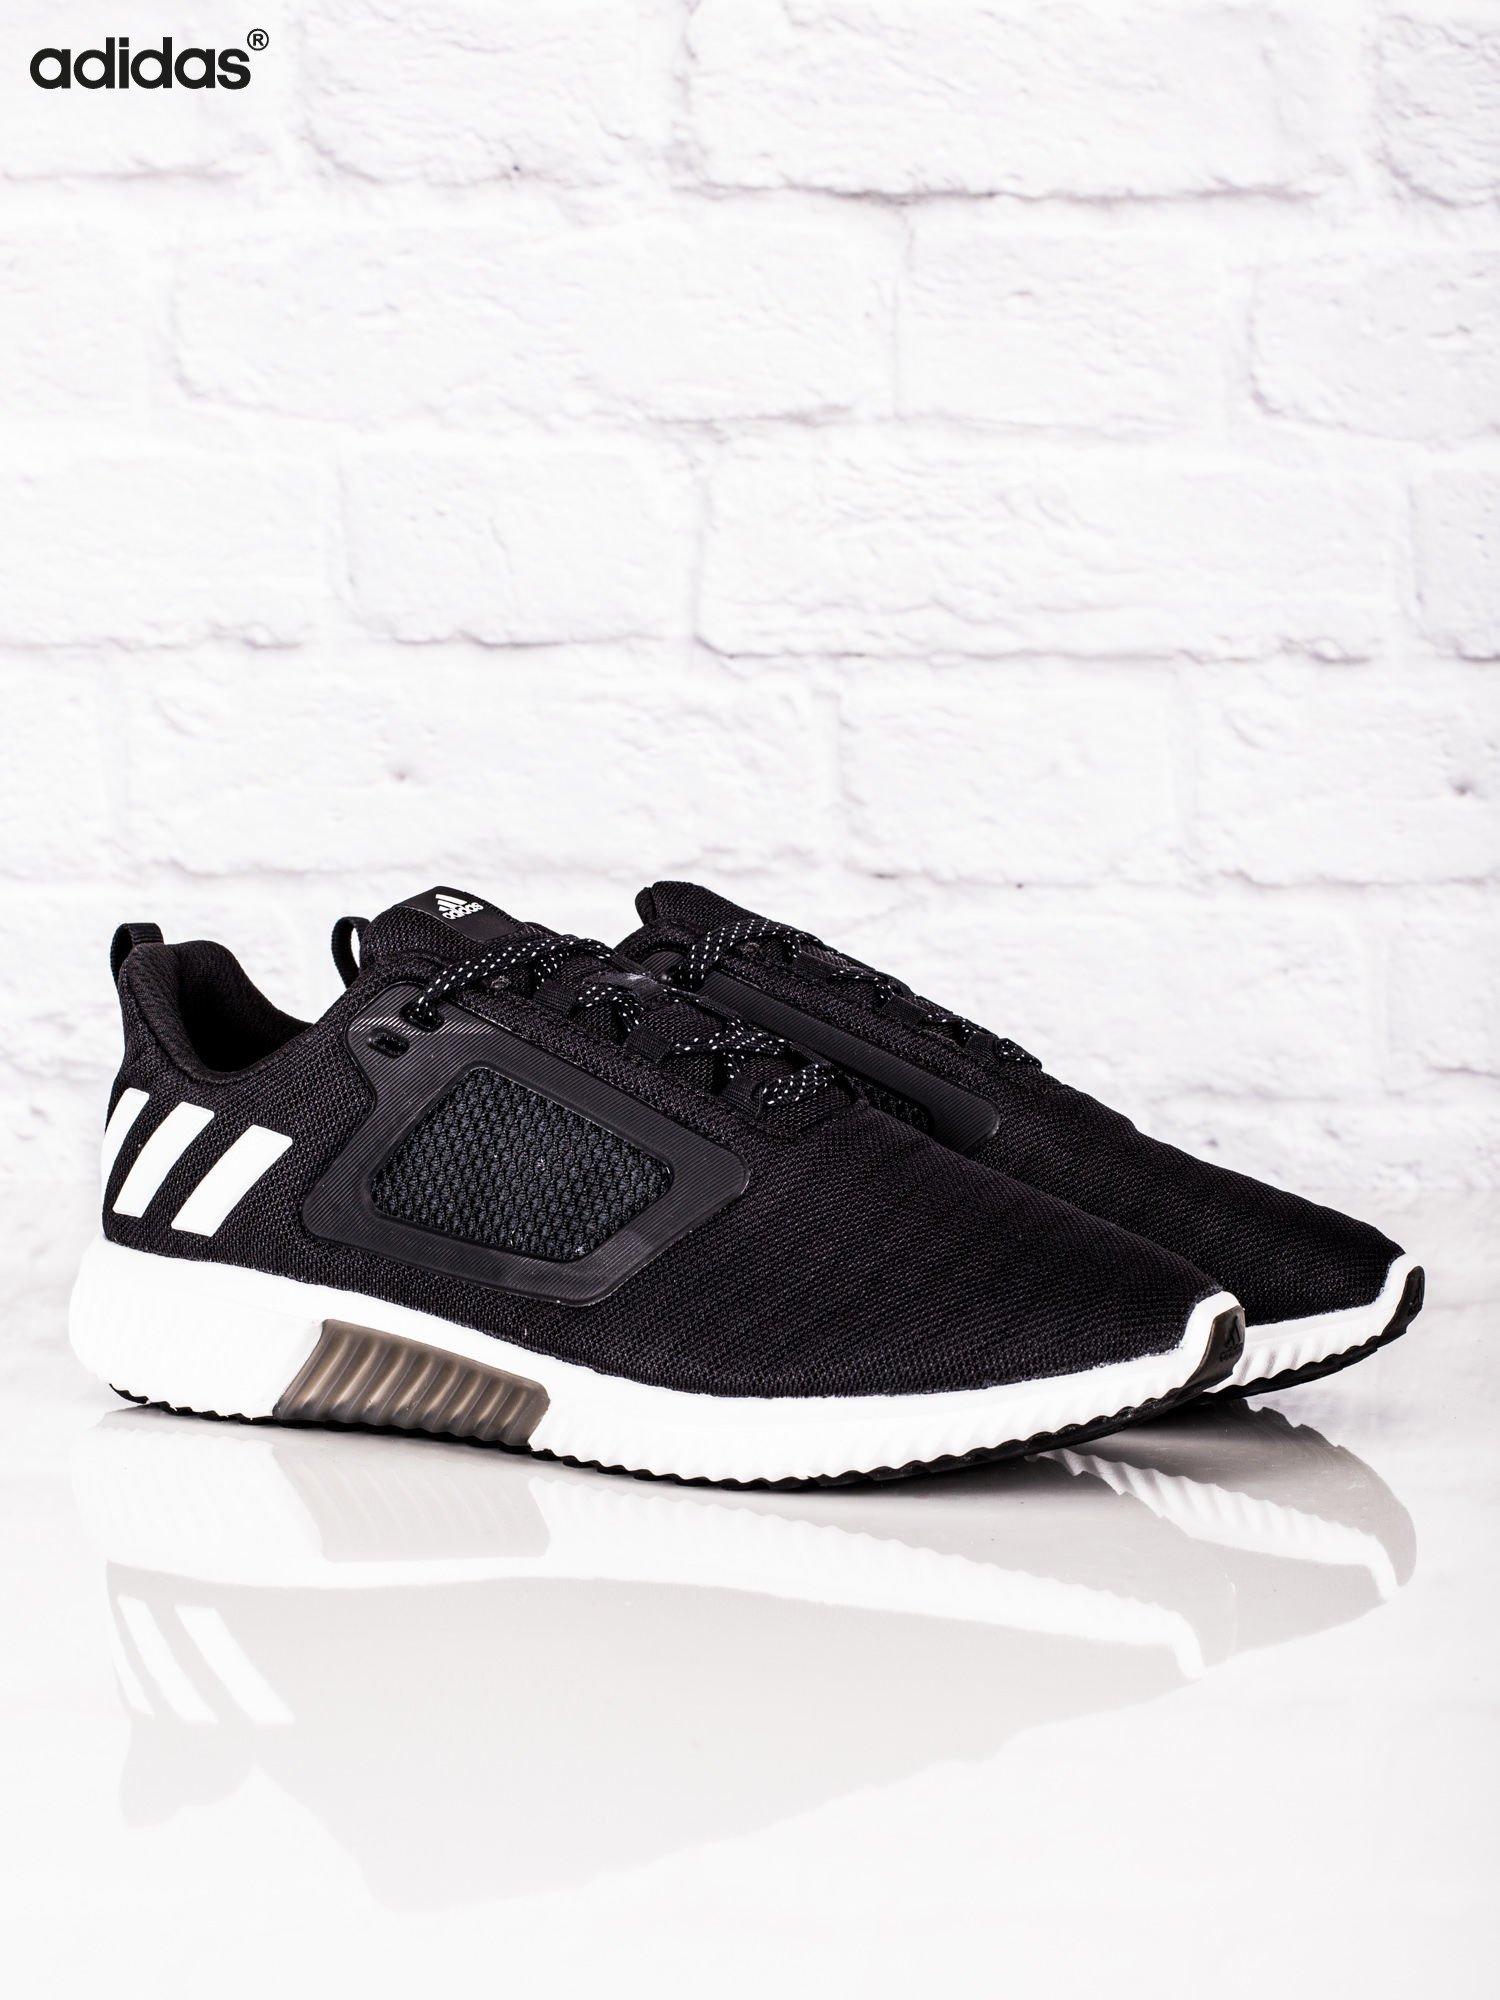 buy cheap 020d5 6fa07 1 ADIDAS Czarne męskie buty sportowe Climacool cm ...